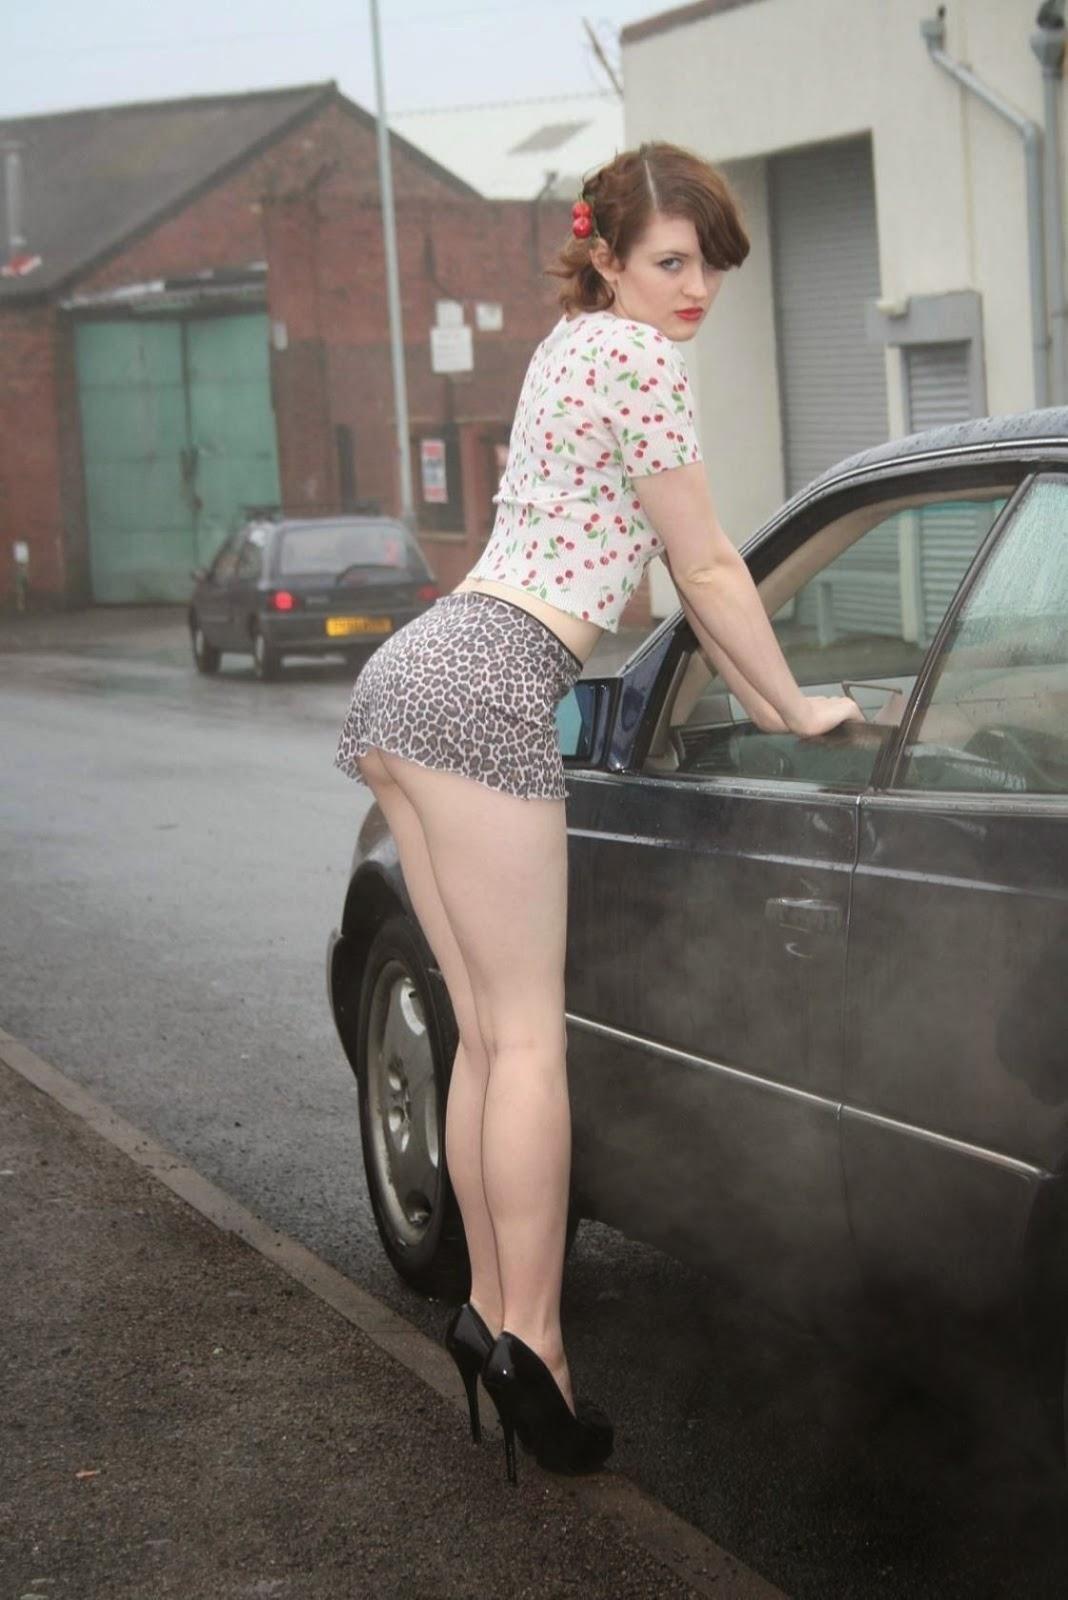 prostitutas italia prostituta a domicilio